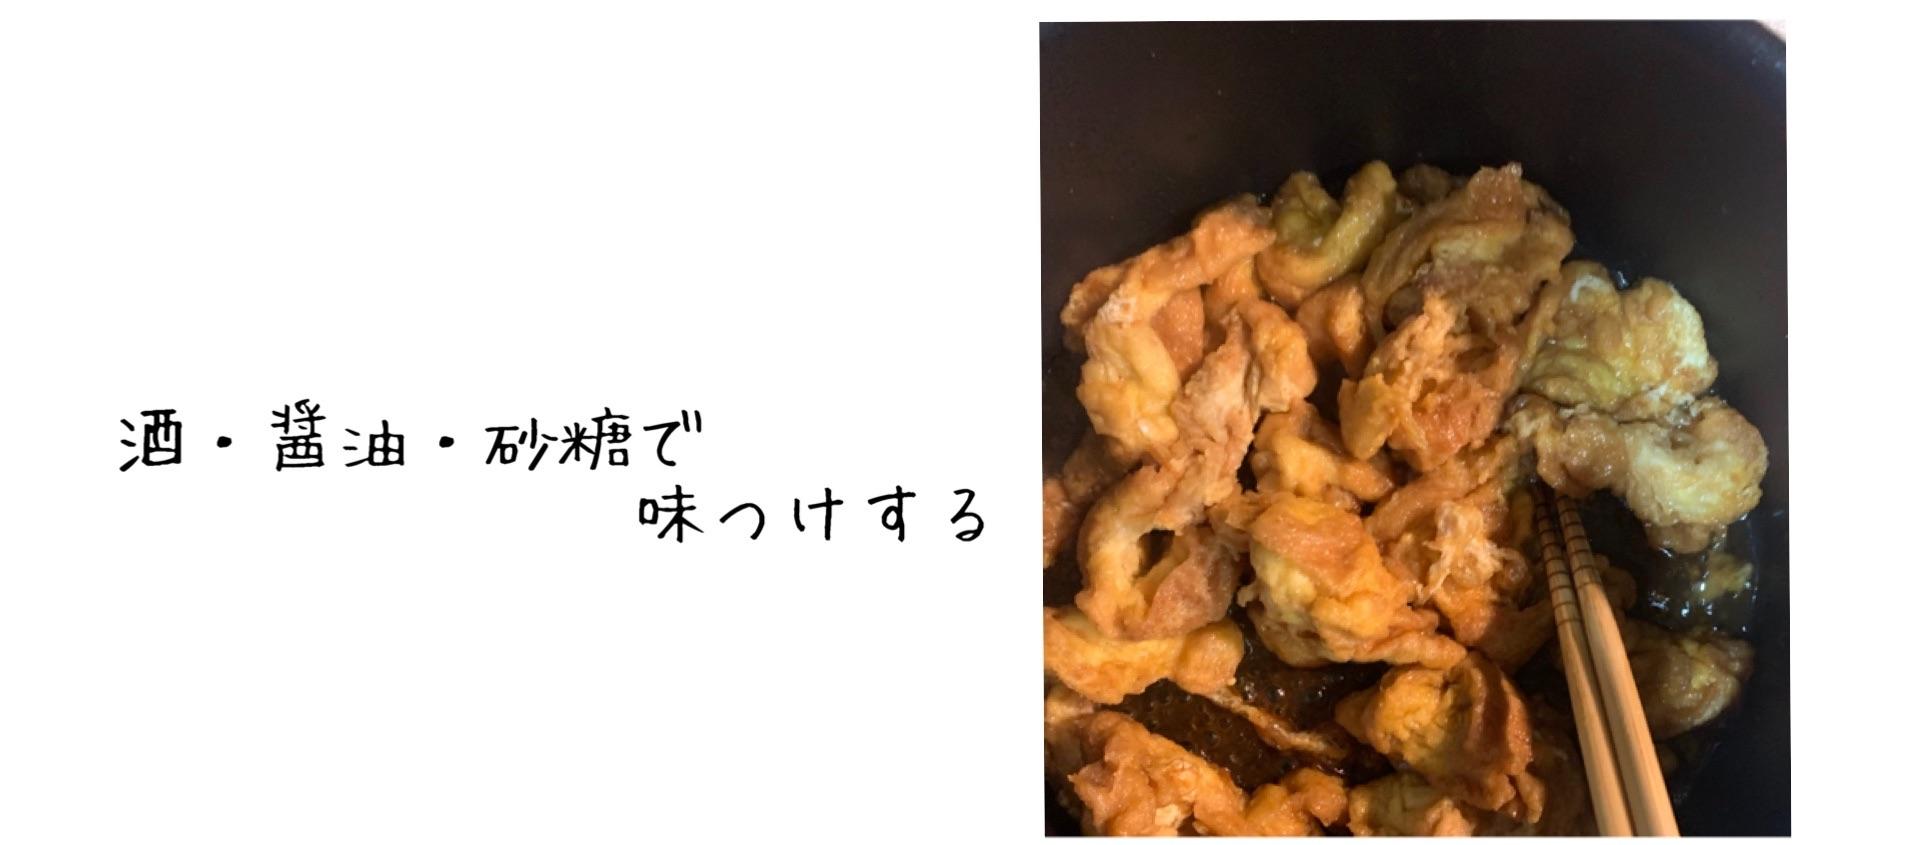 f:id:ikiruikeru43:20200511235921j:image